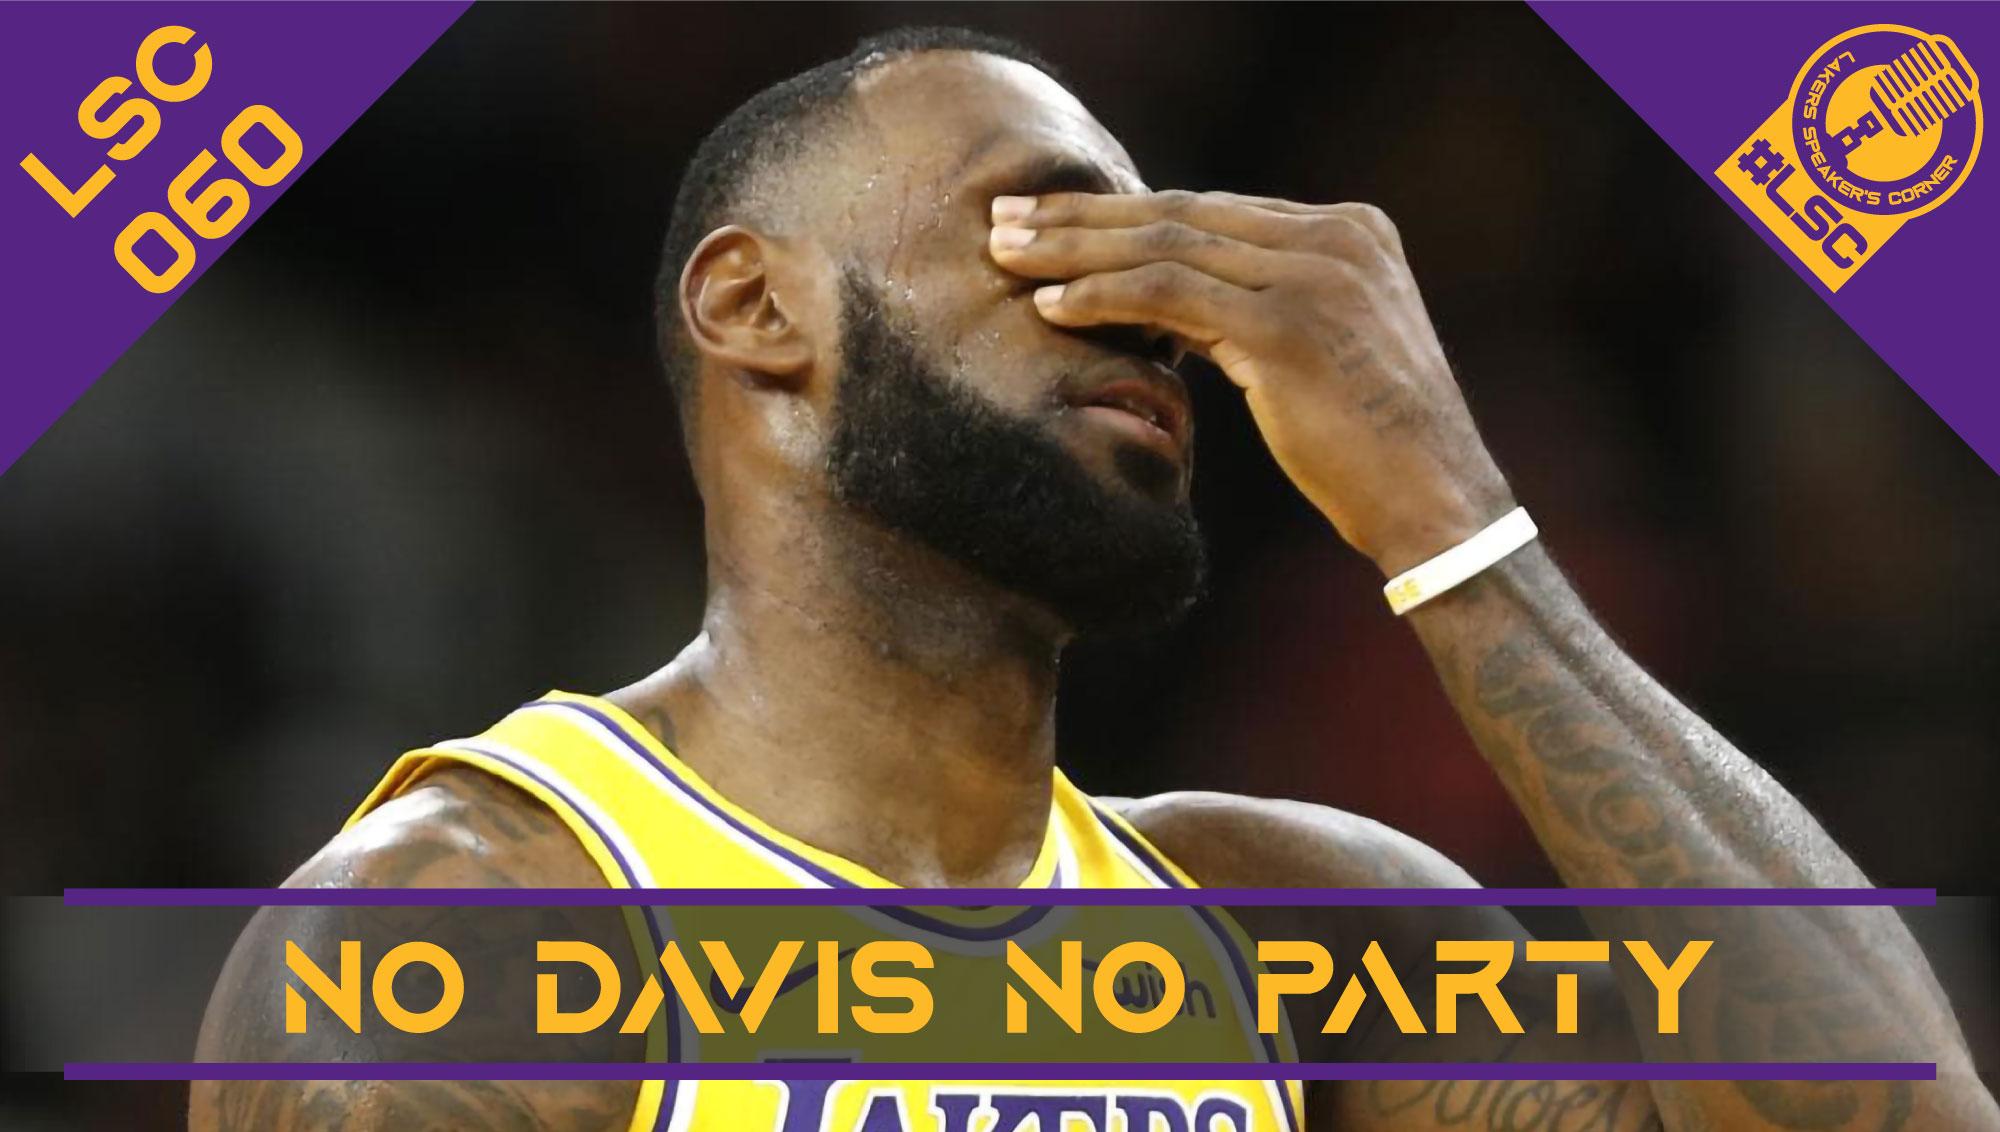 No Davis No Party